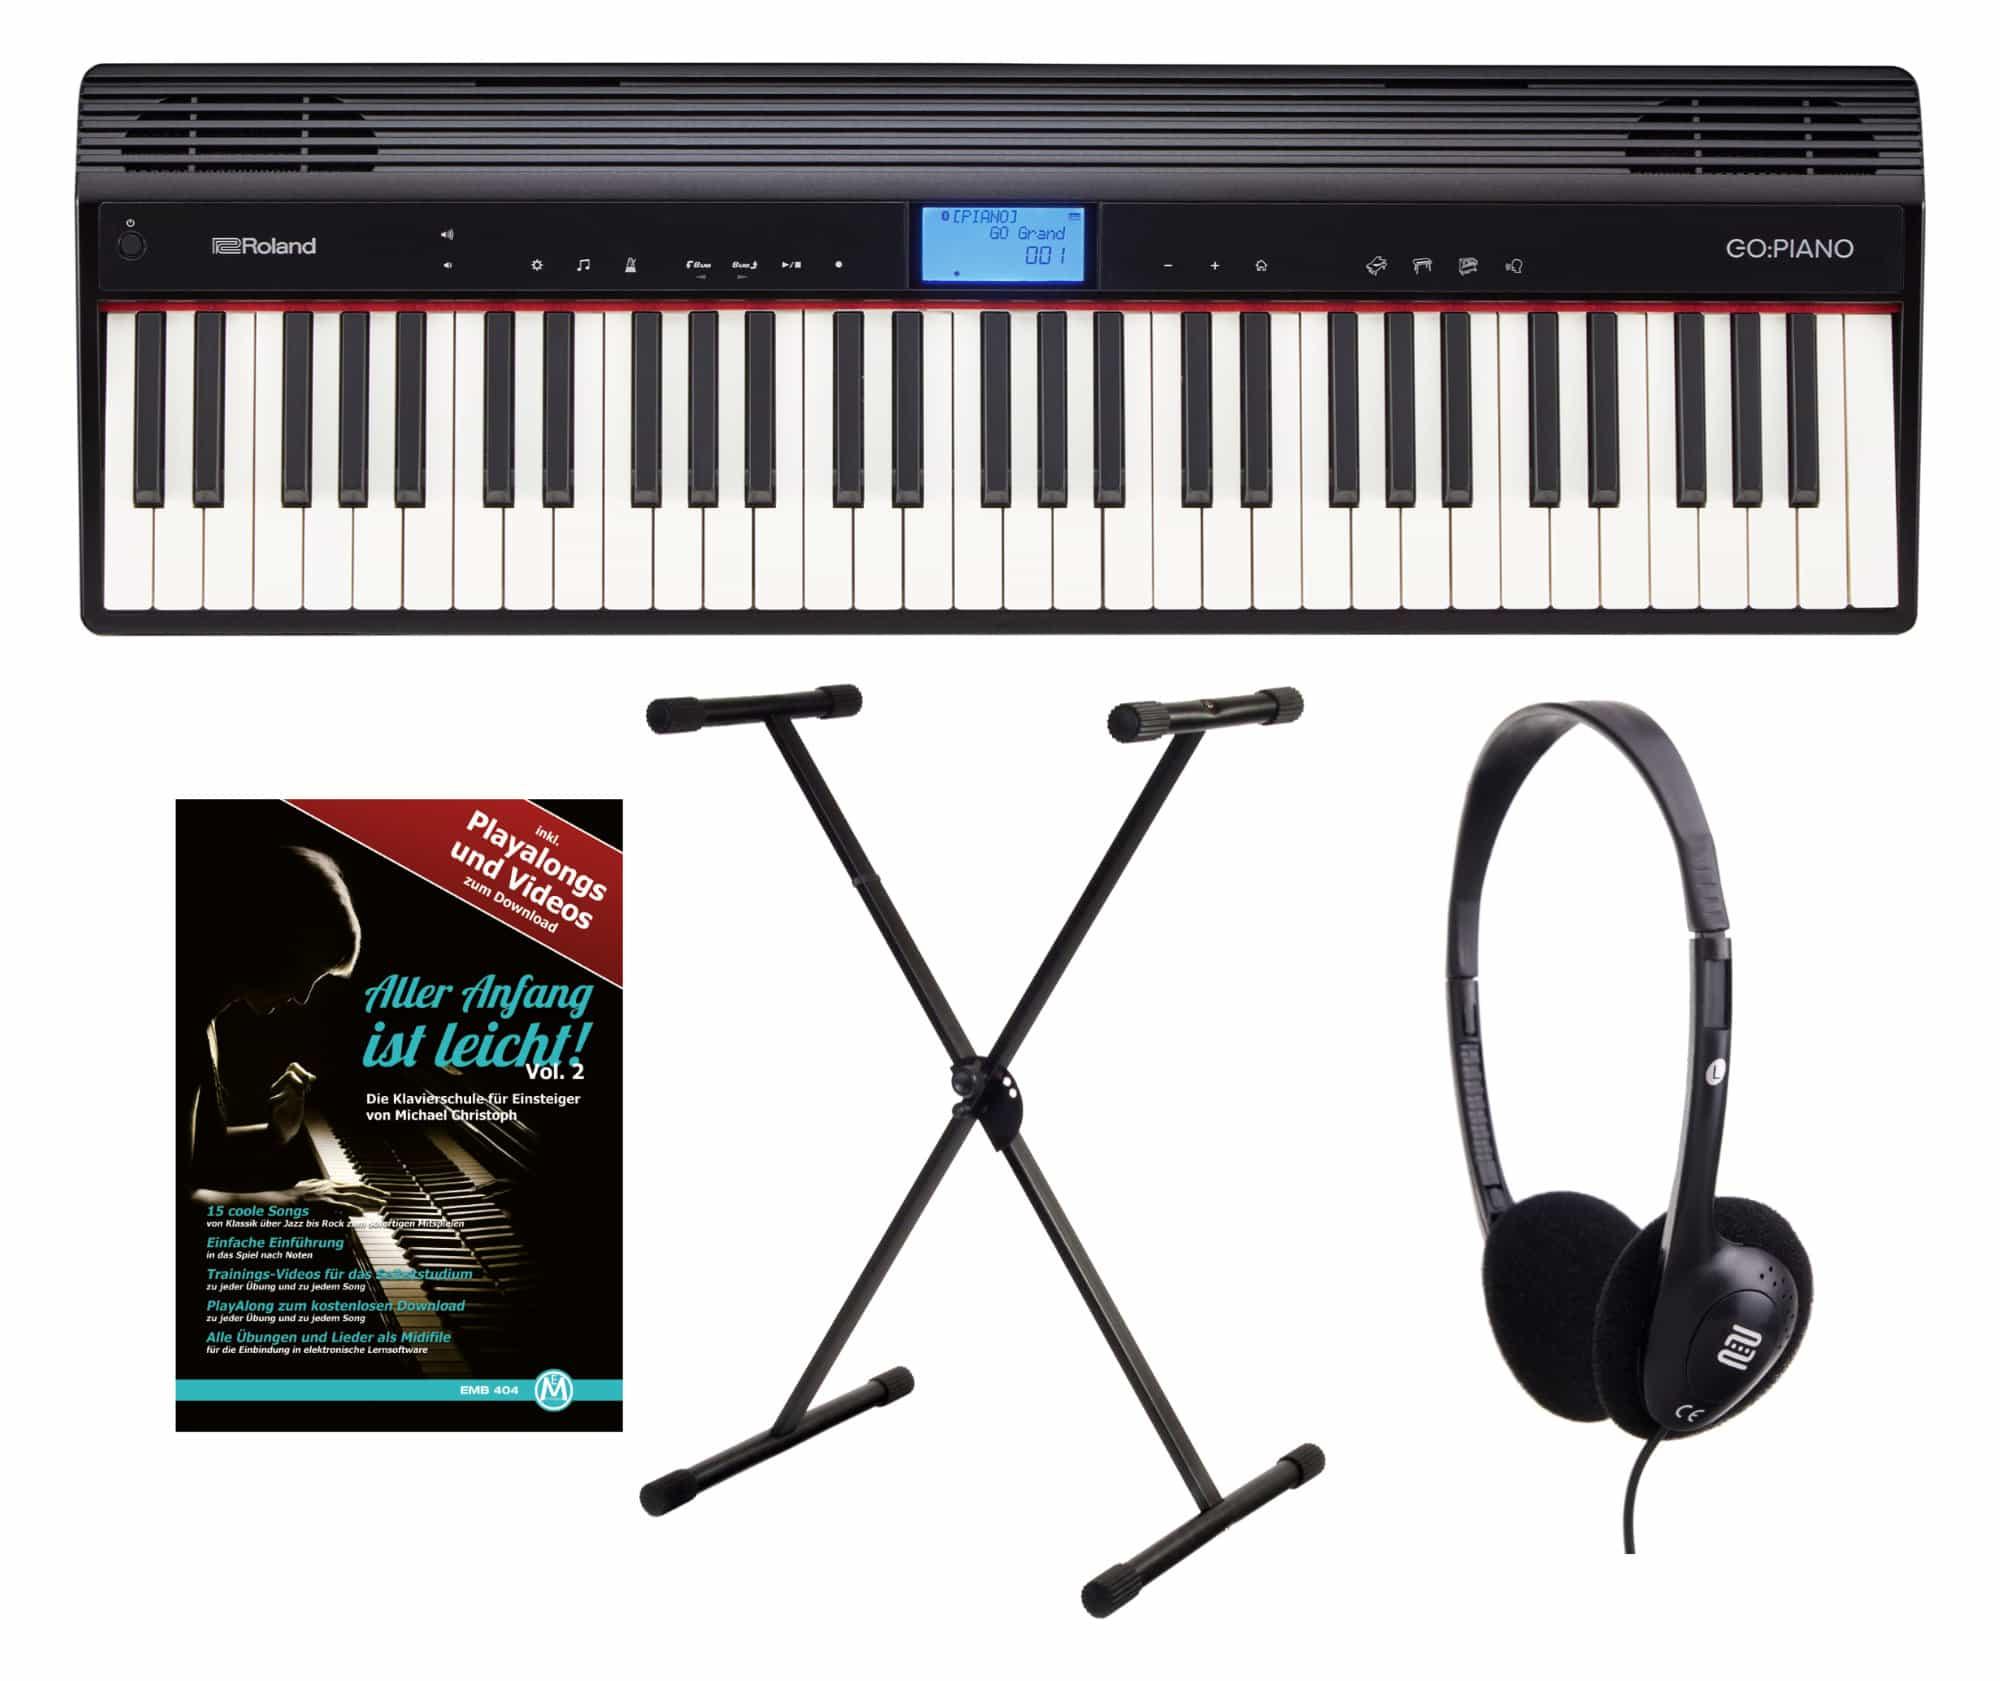 Roland GO PIANO Digitalpiano Set inkl. Keyboardständer, Kopfhörer und Klavierschule